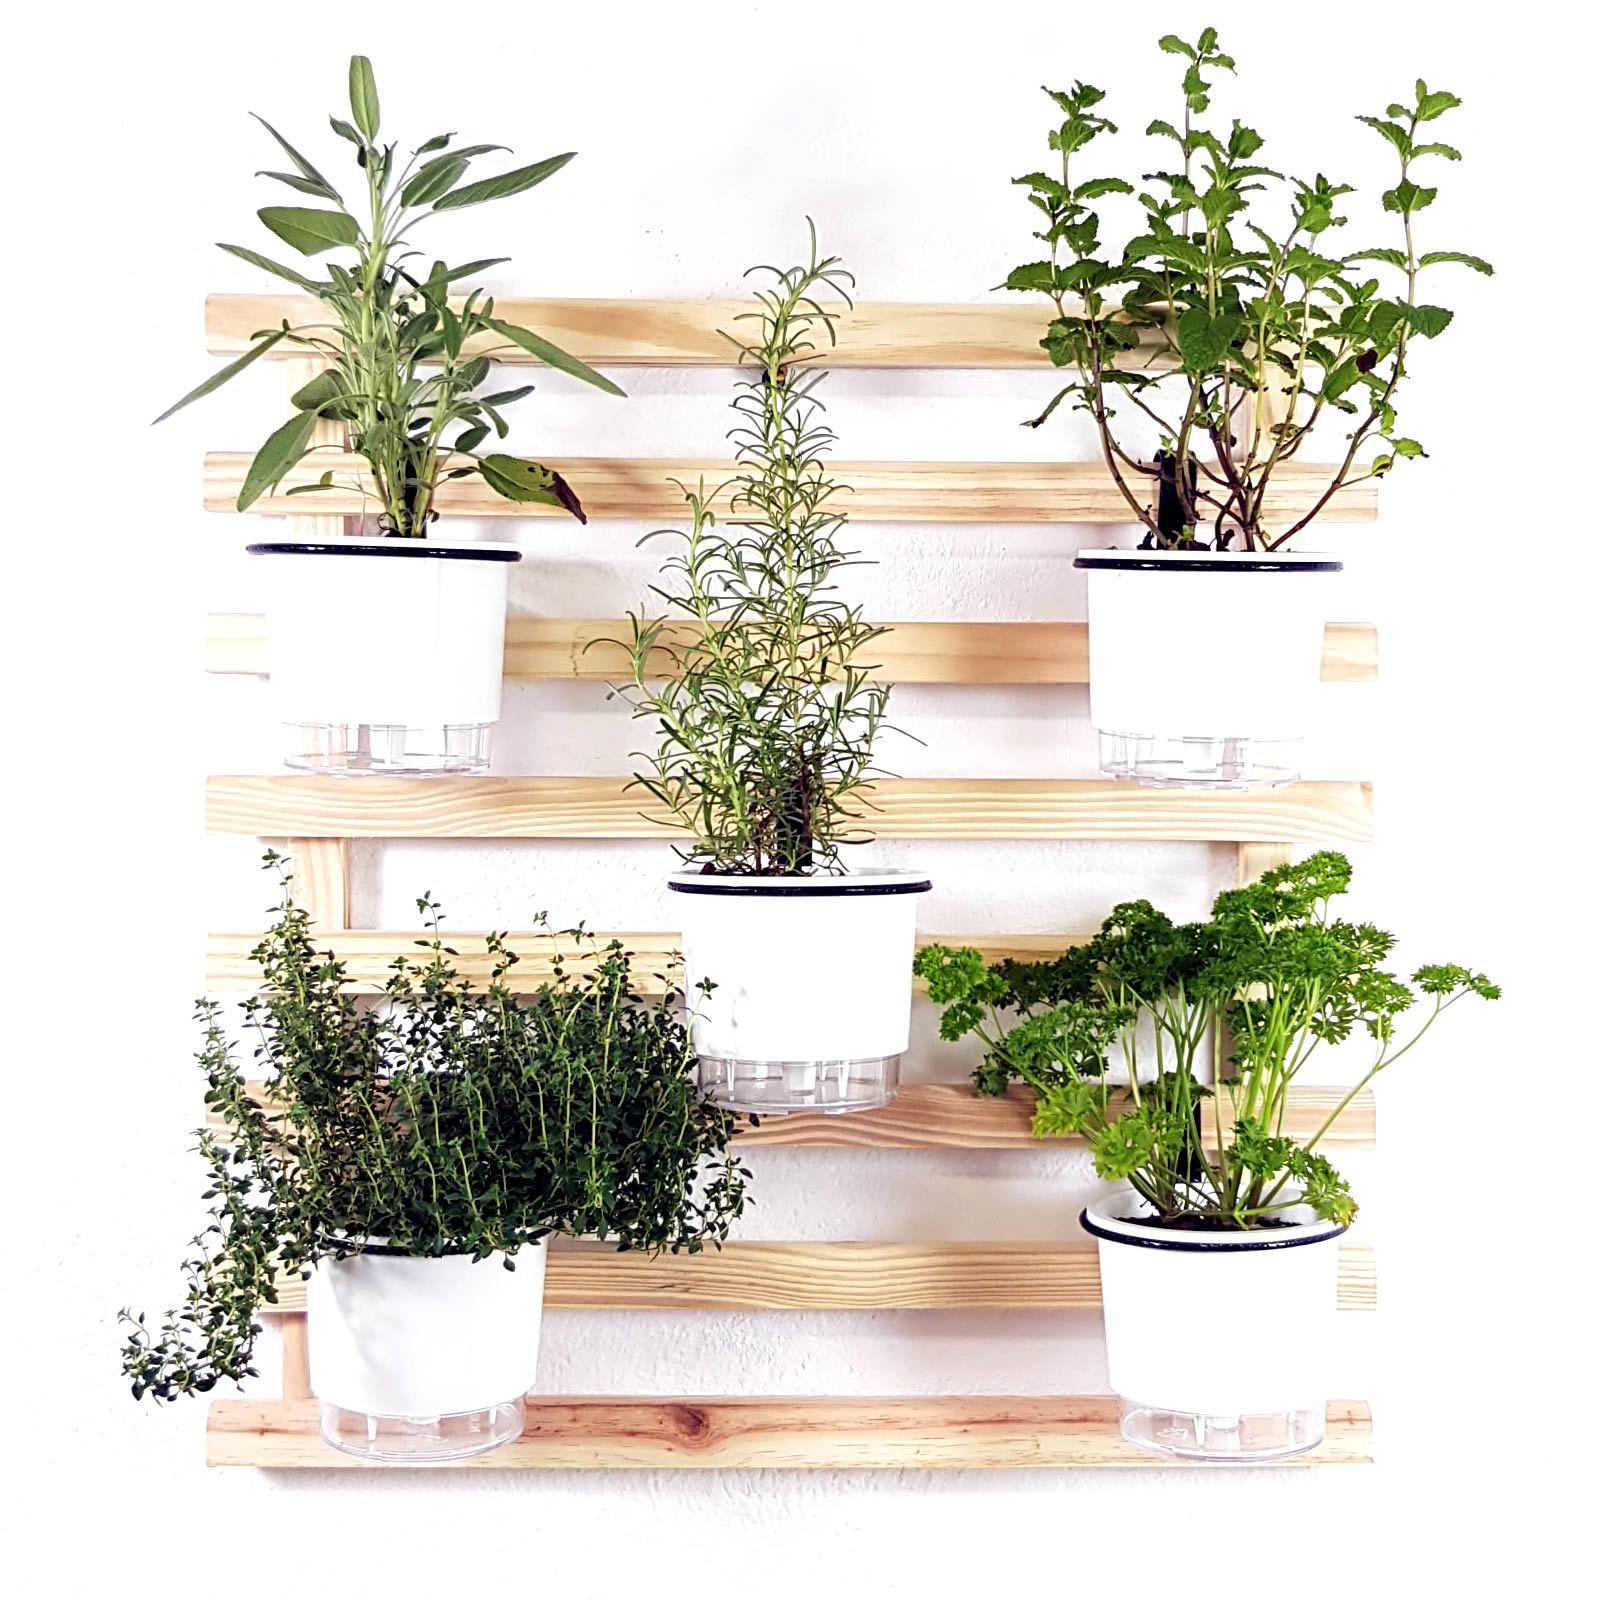 Horta Vertical Mini Natural 60x60cm com 5 suportes e 5 Vasos Auto Irrigáveis Branco